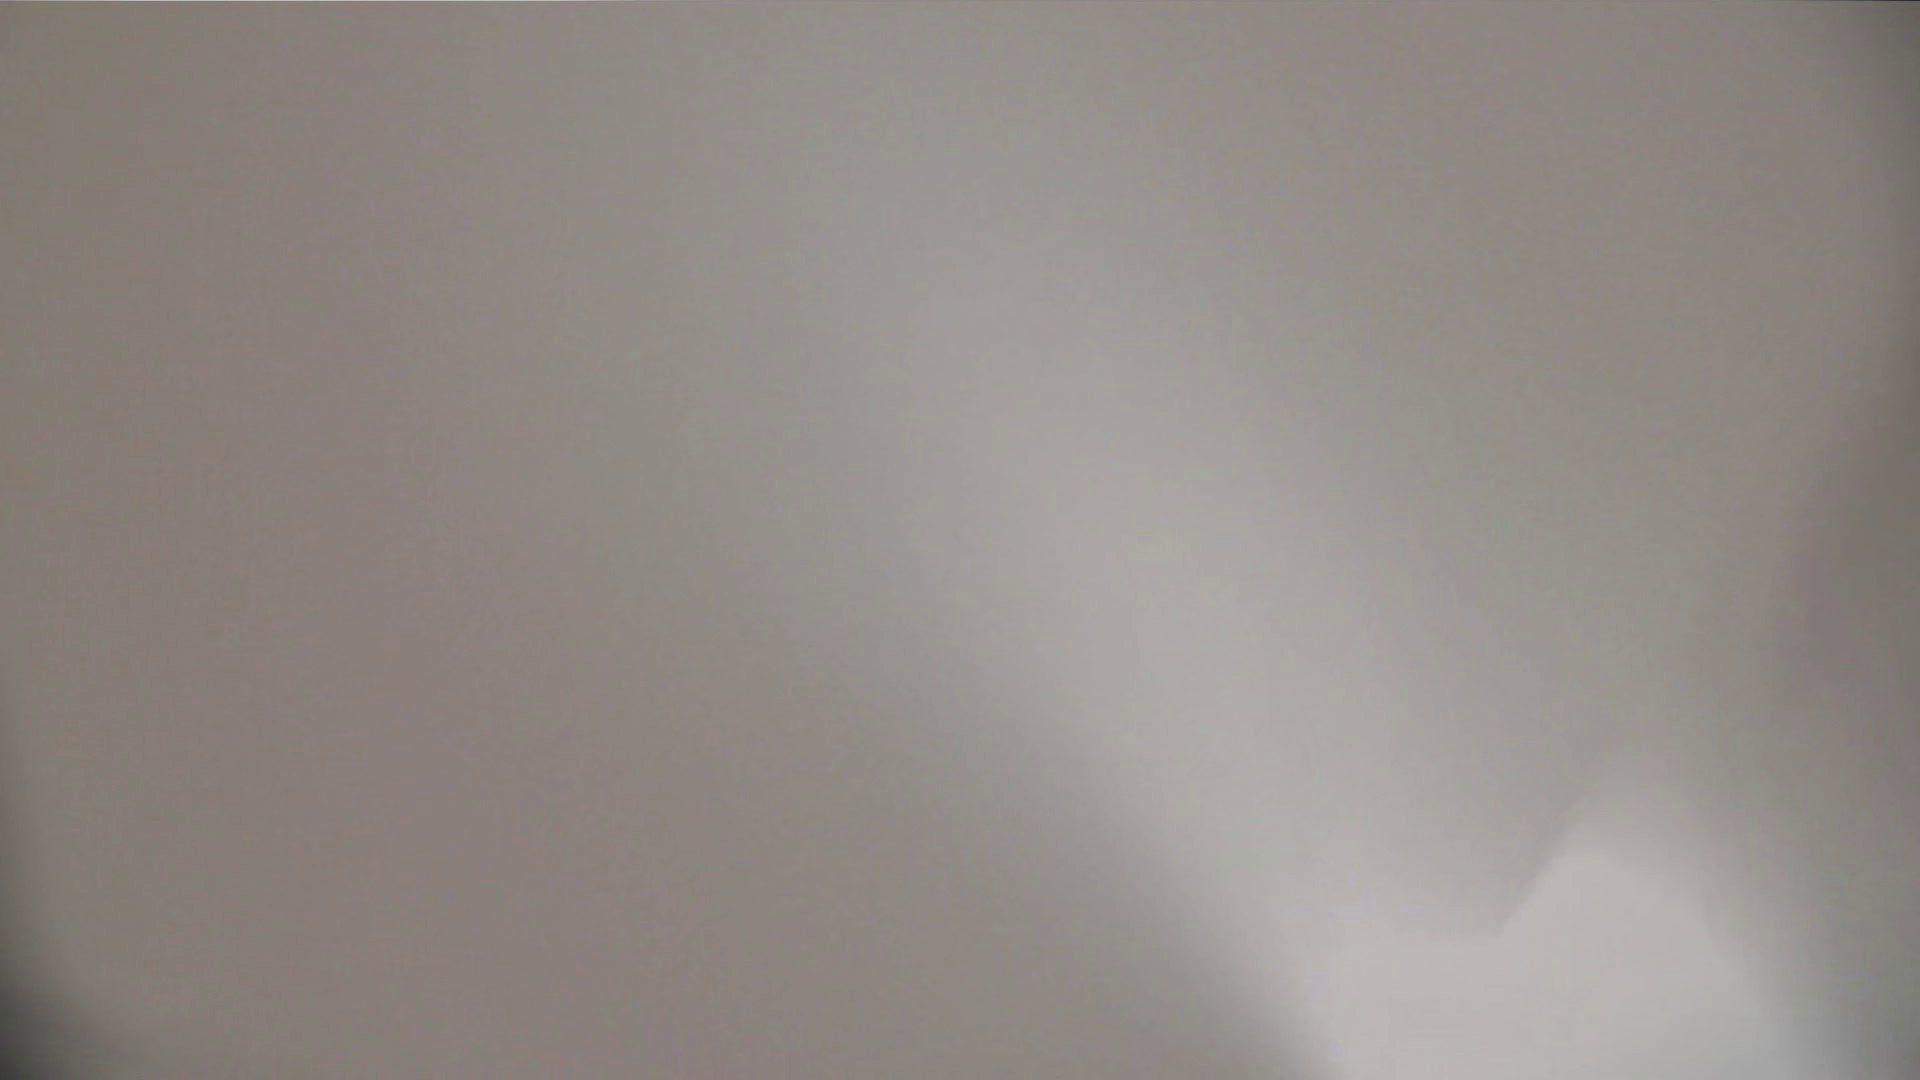 お市さんの「お尻丸出しジャンボリー」No.01 黒人 ぱこり動画紹介 44連発 10